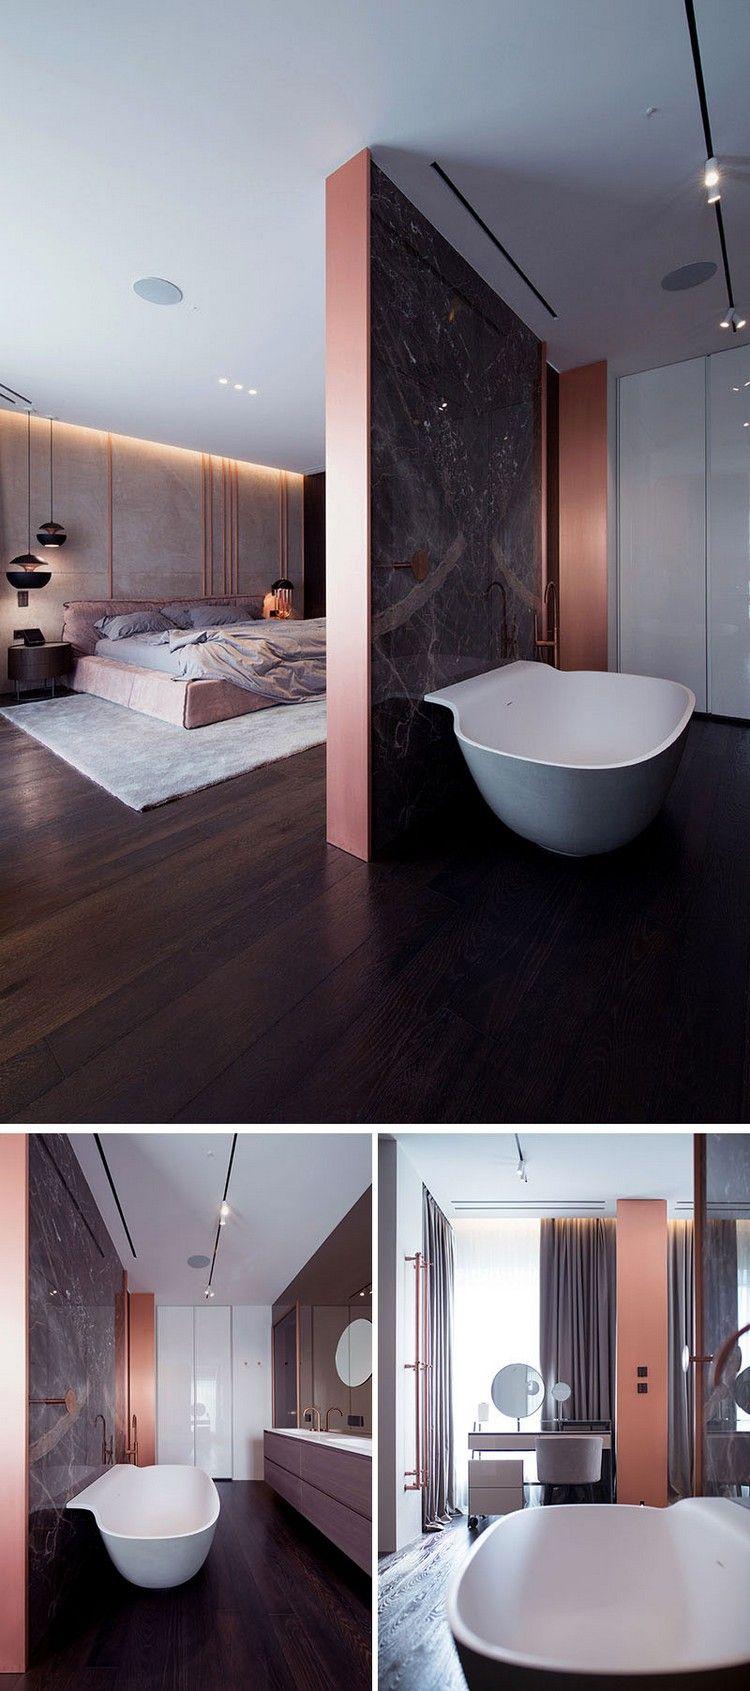 Schlafzimmer eigenes bad raumteiler kupfer akzente for Dekoration wohnzimmer kupfer